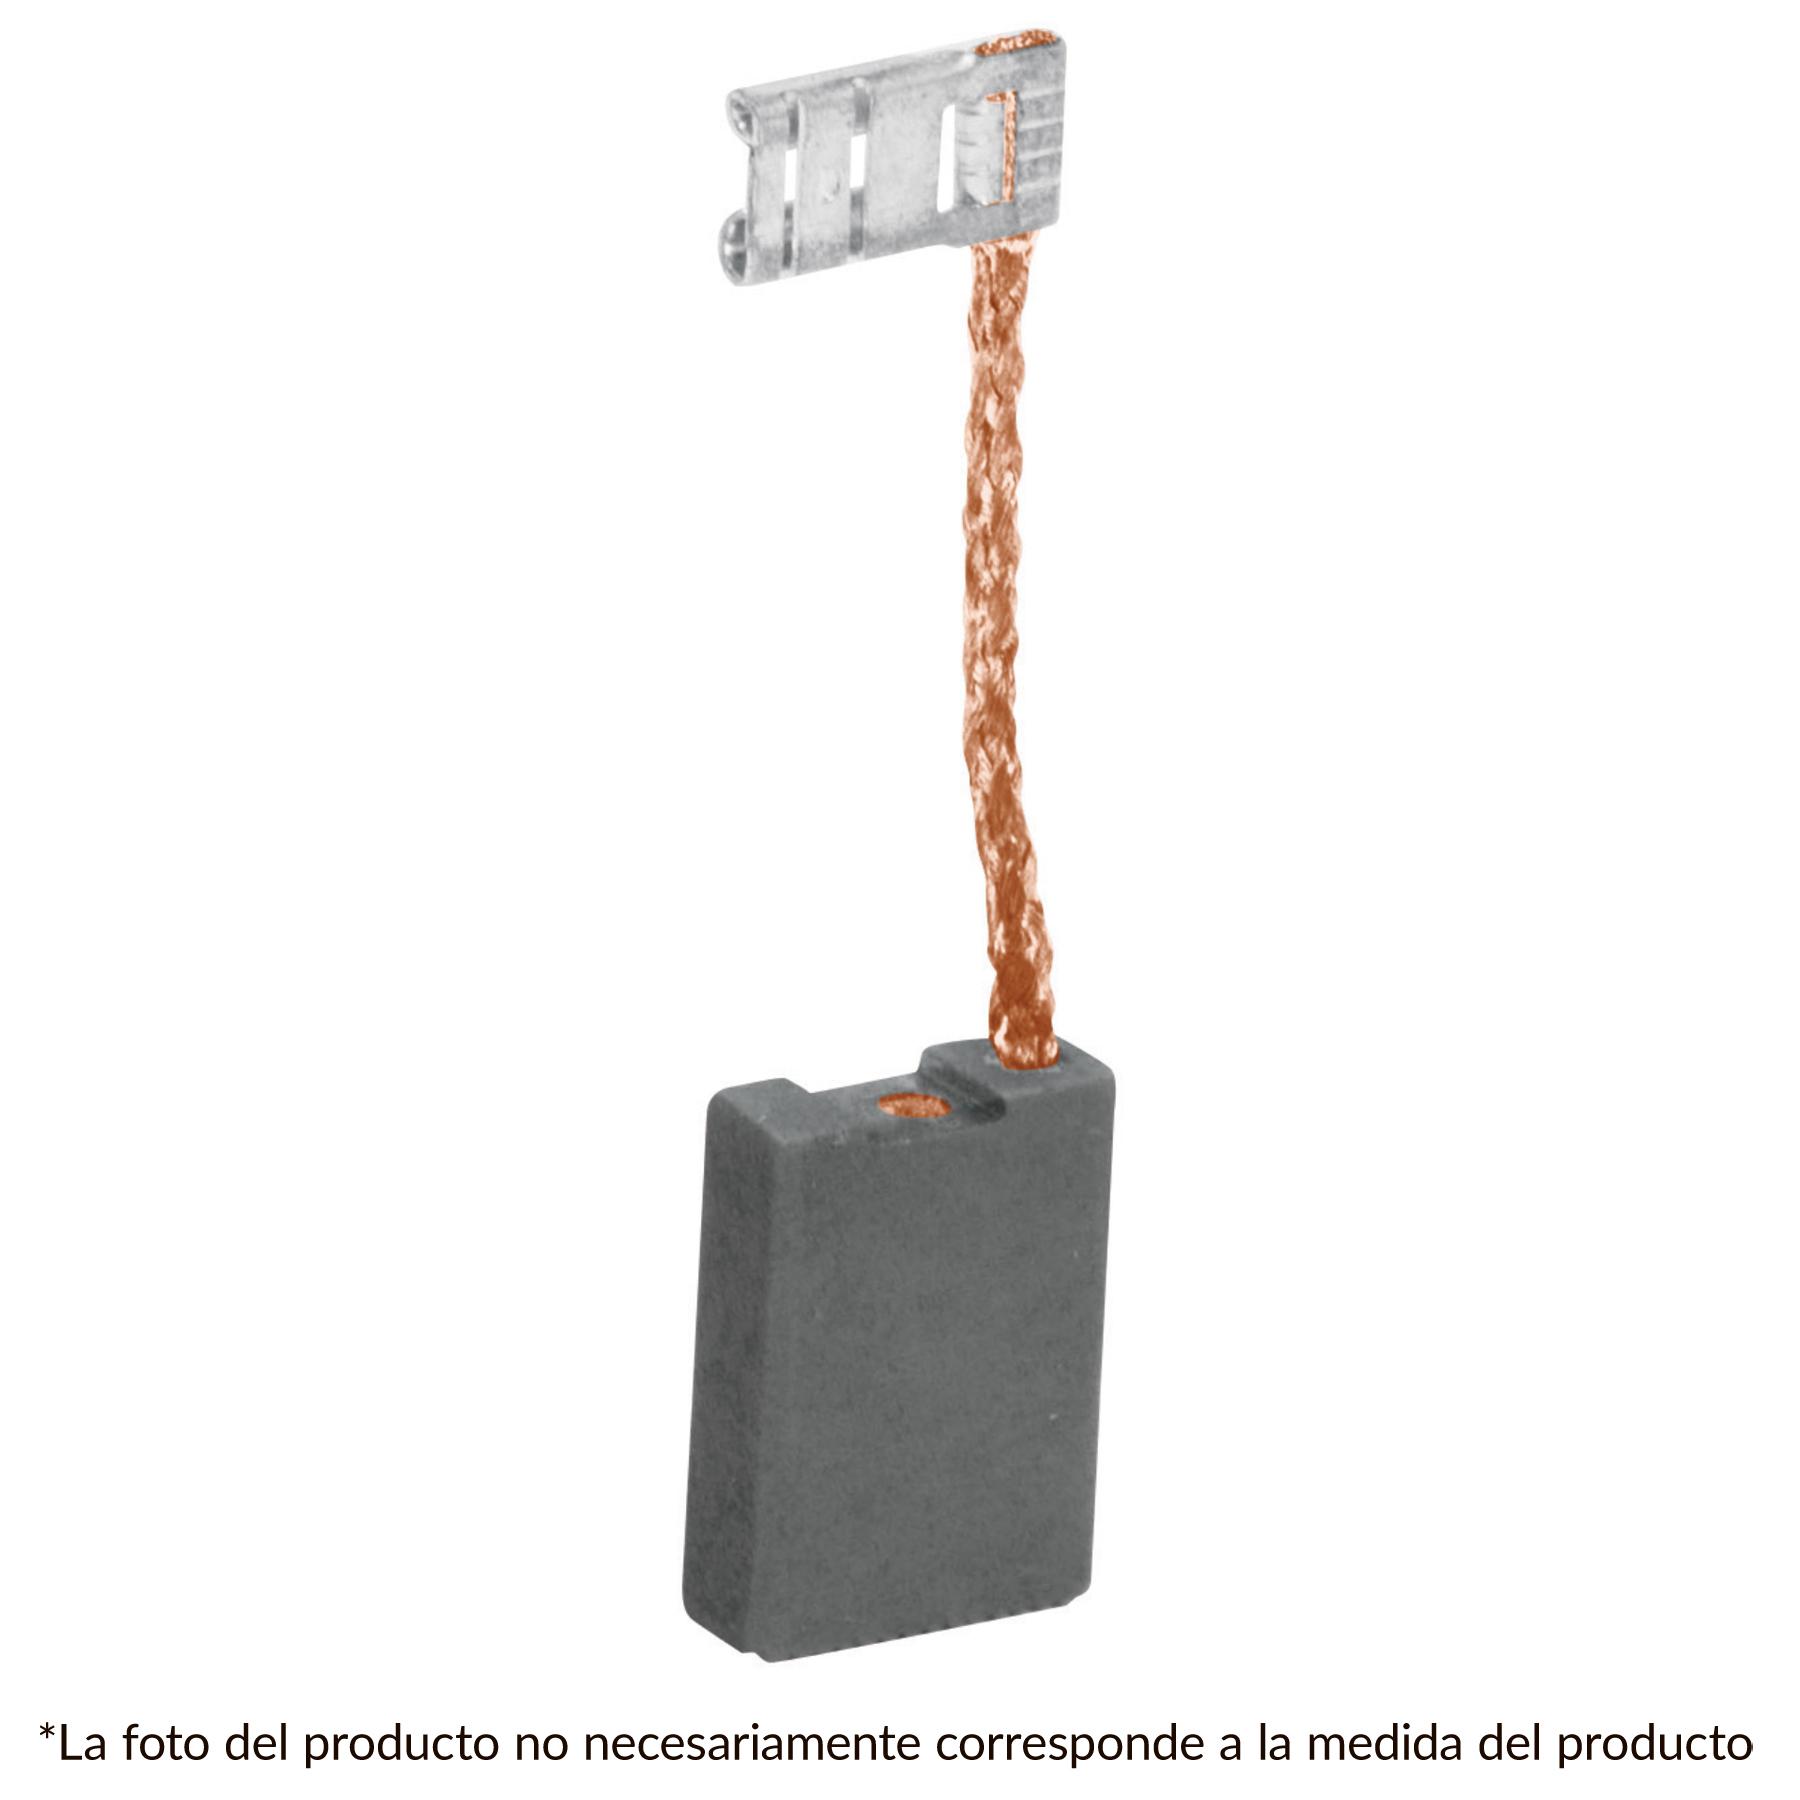 Carbones de repuesto para esmeriladora ESMA-4-1/2A10